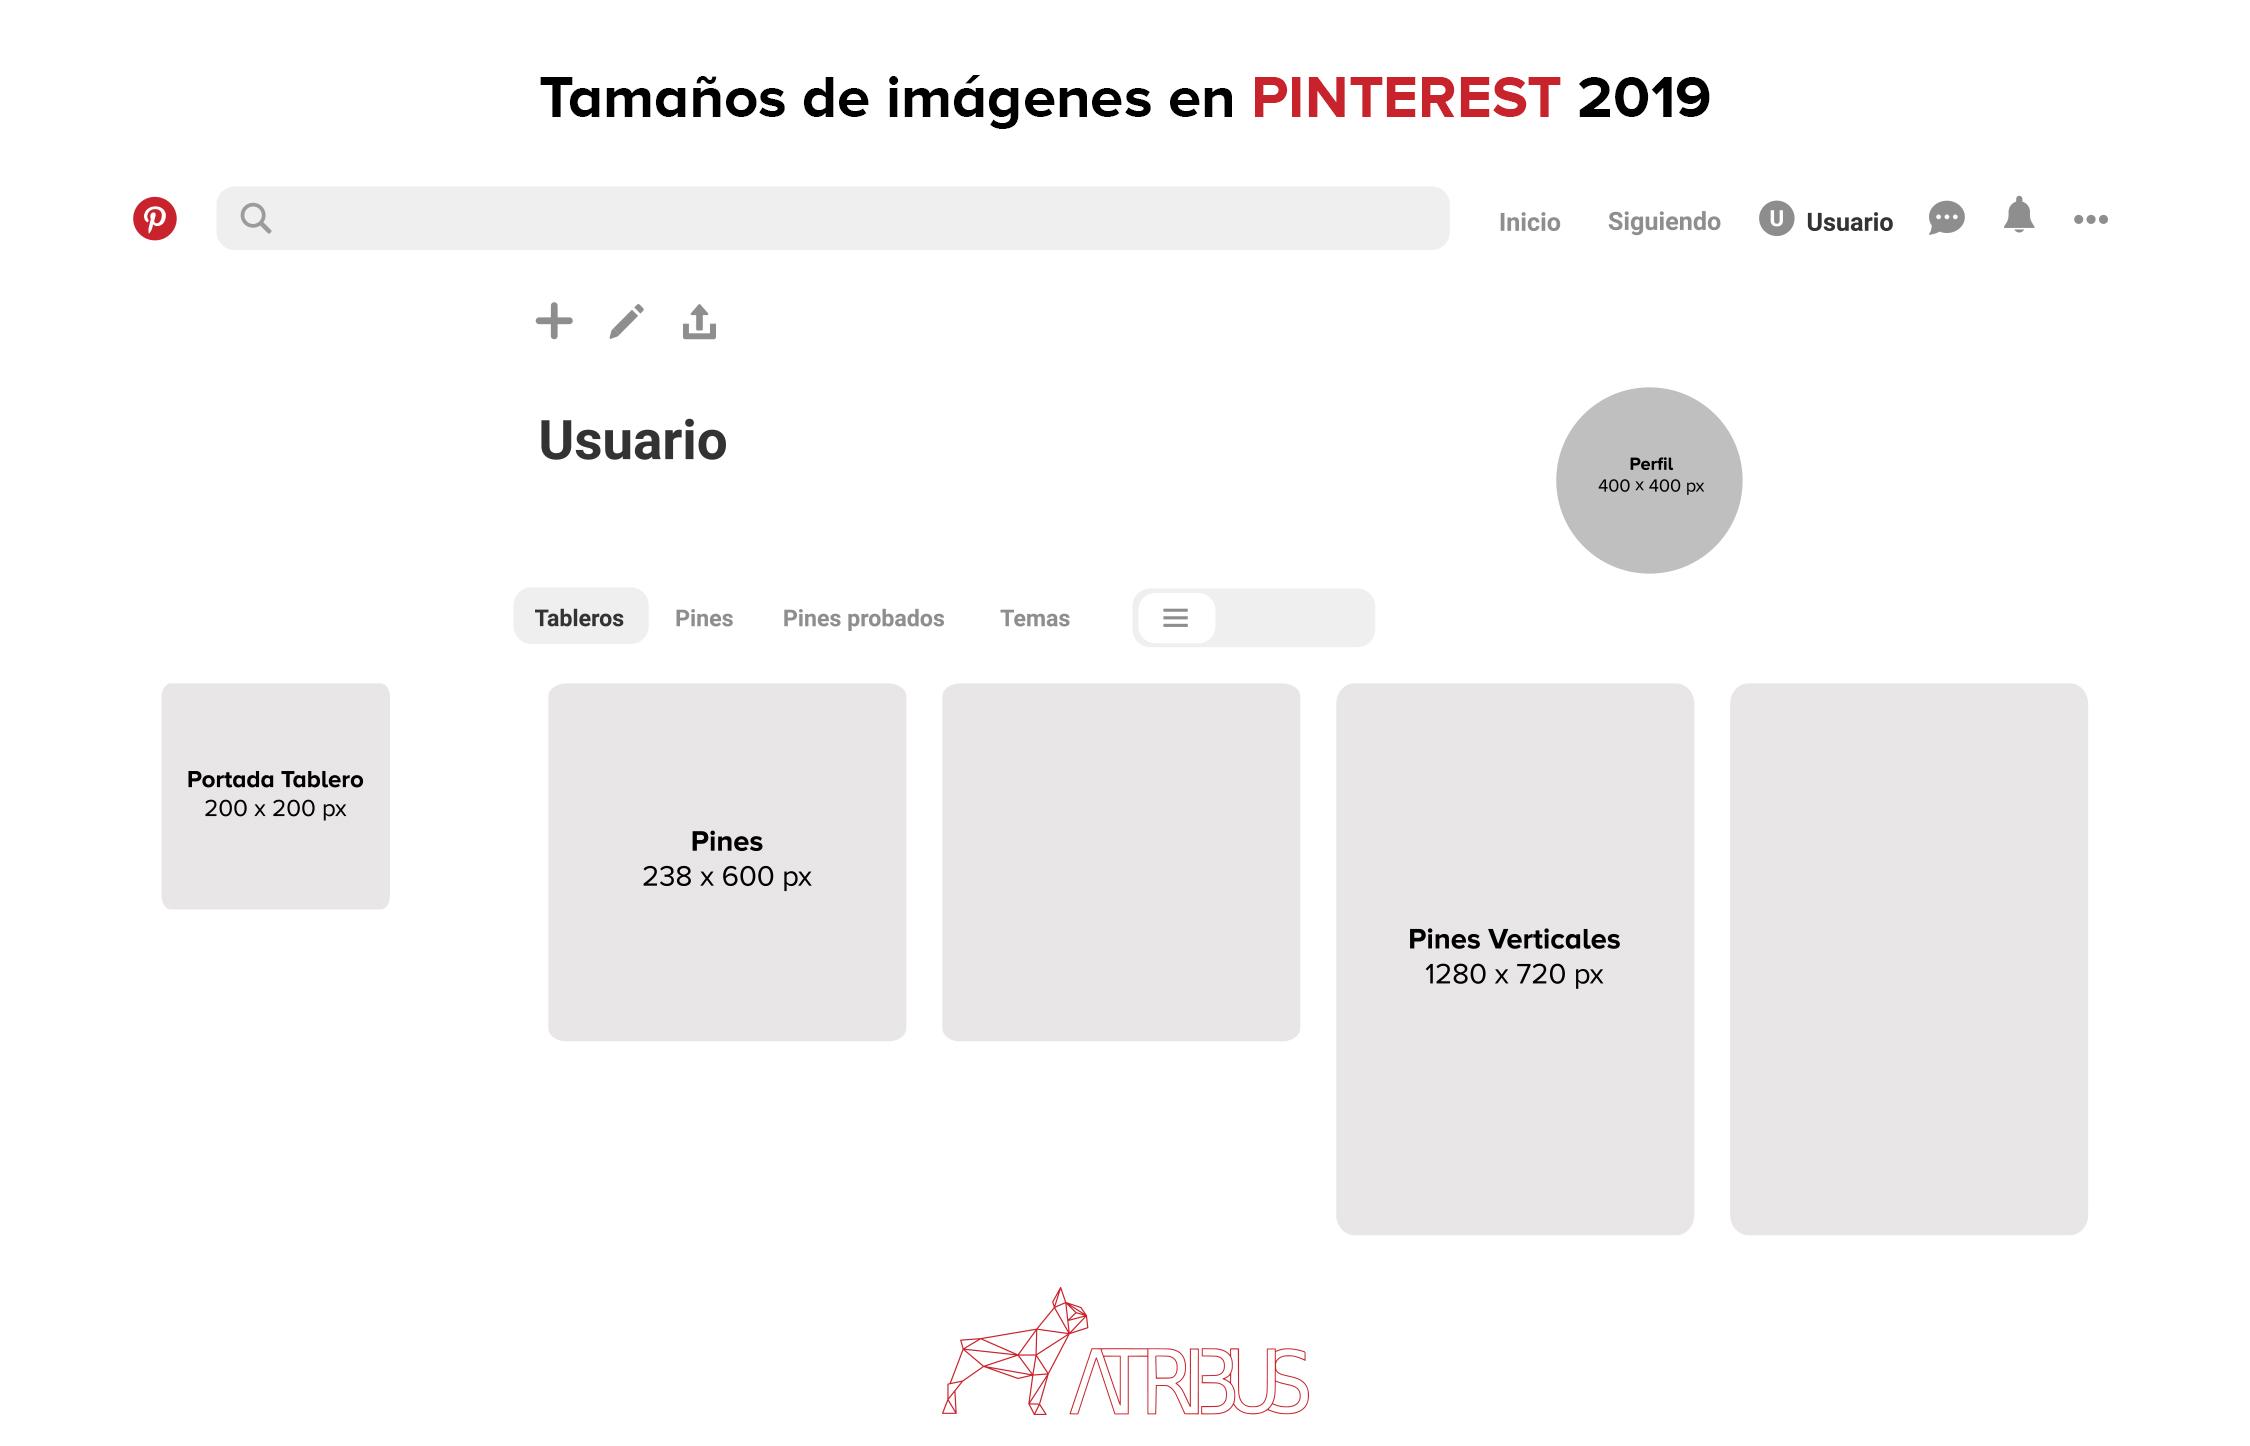 Guía Tamaño de Imágenes en Pinterest 2019